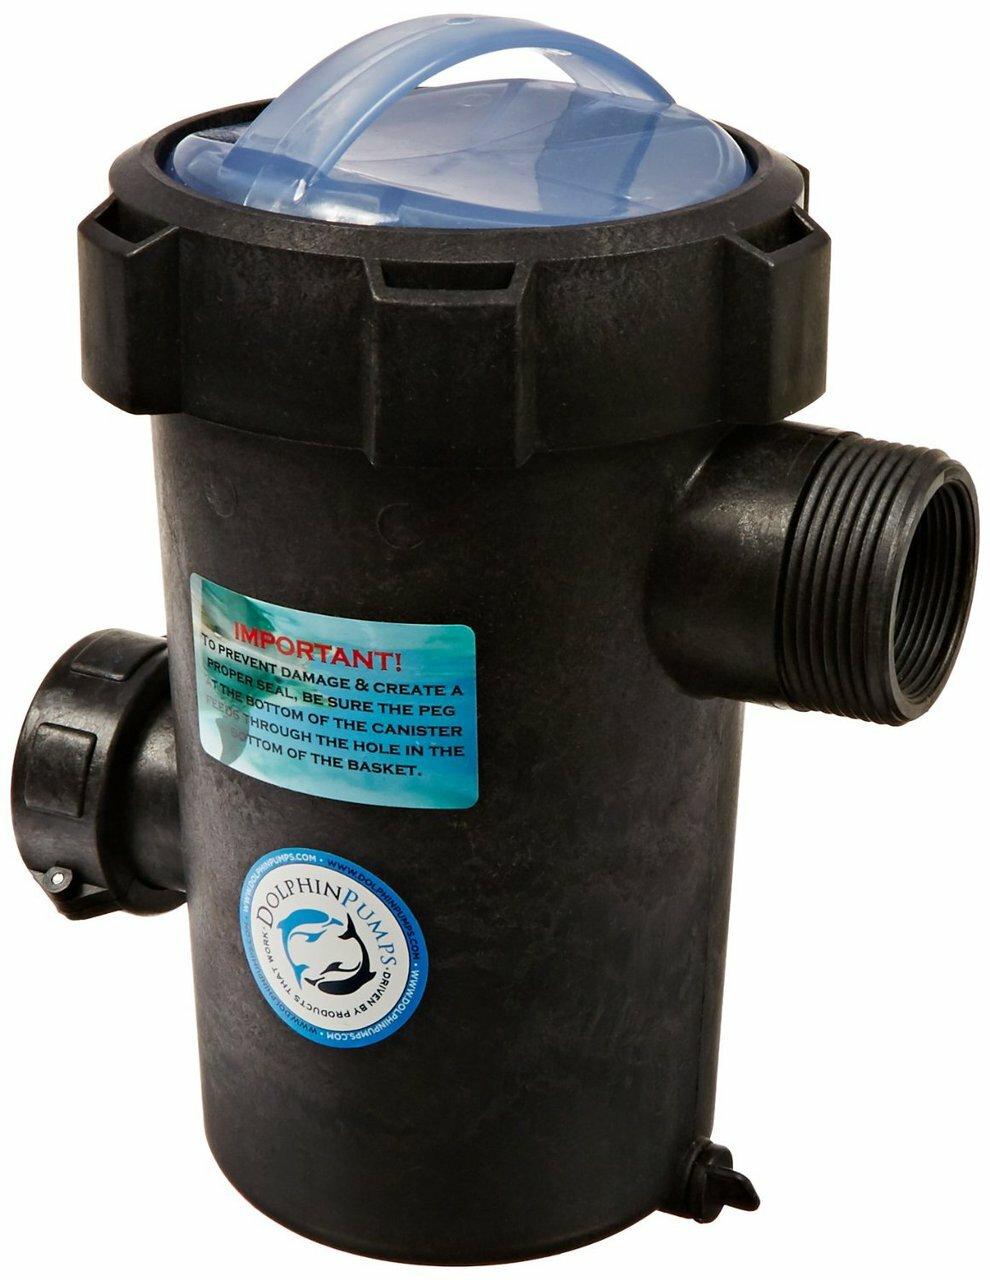 Dolphin Pumps EZ Priming Pot - 1.5 inch